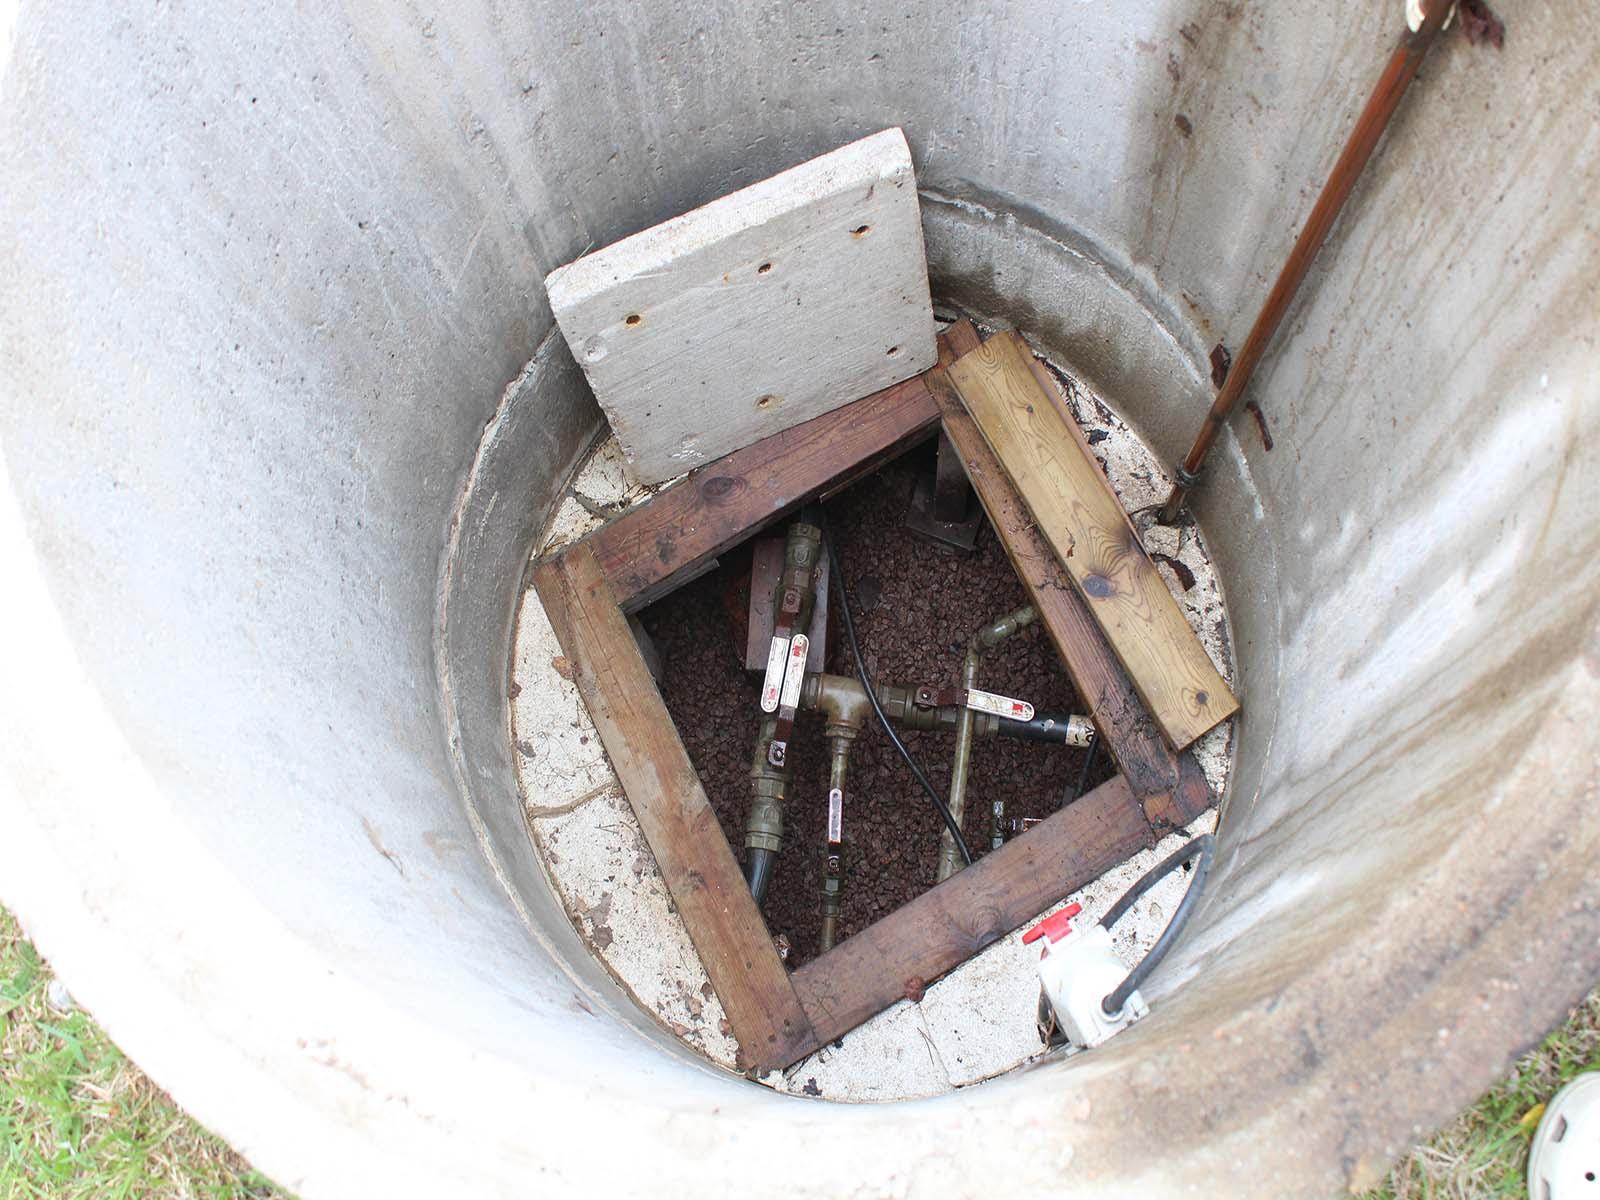 Kaivon puhdistus vai kaivoveden puhdistus